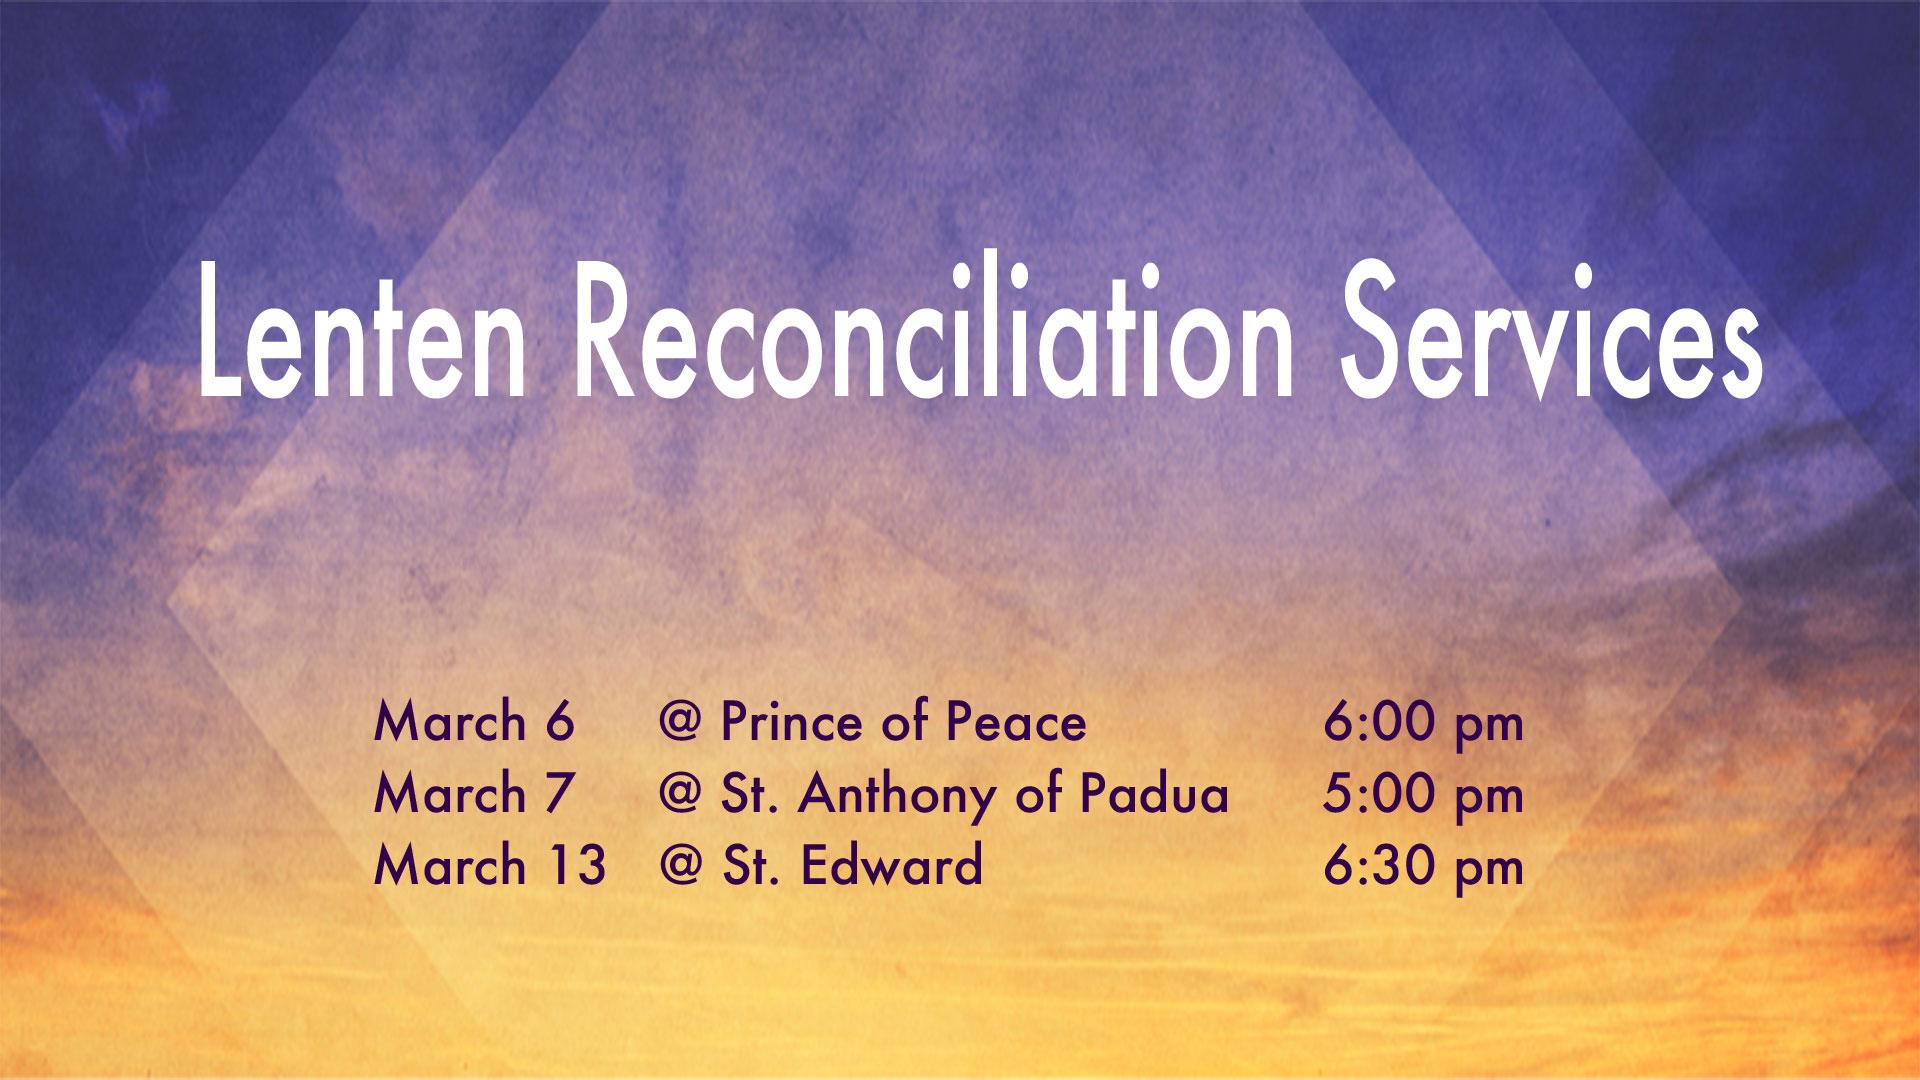 Lenten Reconciliation